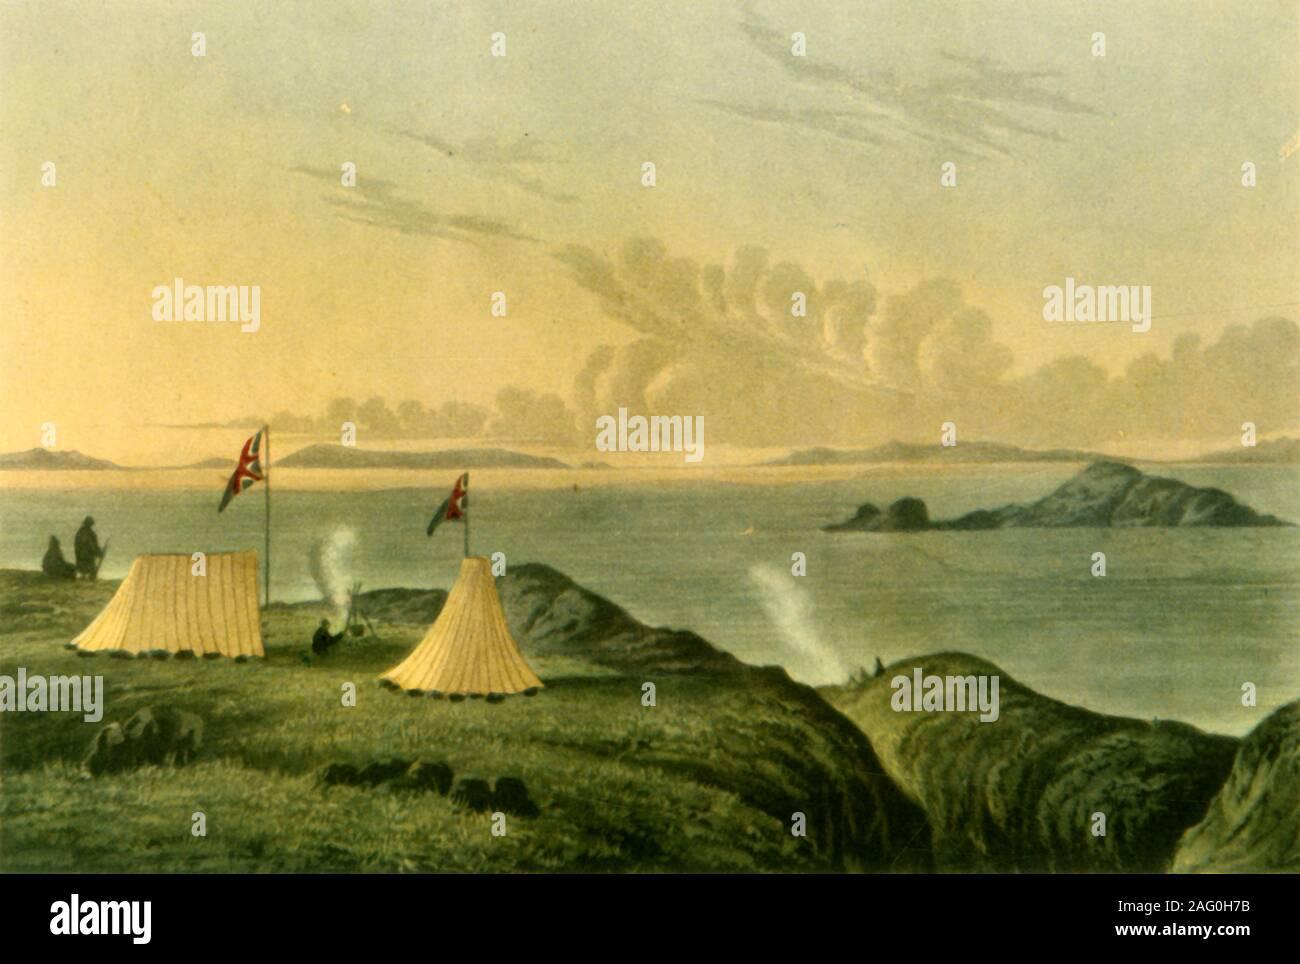 """'Vue sur la mer de l'Arctique, de l'embouchure de la rivière de la mine de cuivre, minuit, juillet 1821', (1946). Tentes avec drapeaux britanniques sur la côte du nord du Canada, représenté par un membre de l'expédition de John Franklin Coppermine de 1819-1822. Les longues heures d'ensoleillement durant l'été arctique a permis d'attirer au milieu de la nuit. Illustrations de """"Récit d'un voyage vers les rivages de la mer polaire"""" de John Franklin. Publié dans """"British explorateurs polaires"""", par l'Amiral Sir Edward Evans. [Collins, Londres, 1946] Banque D'Images"""